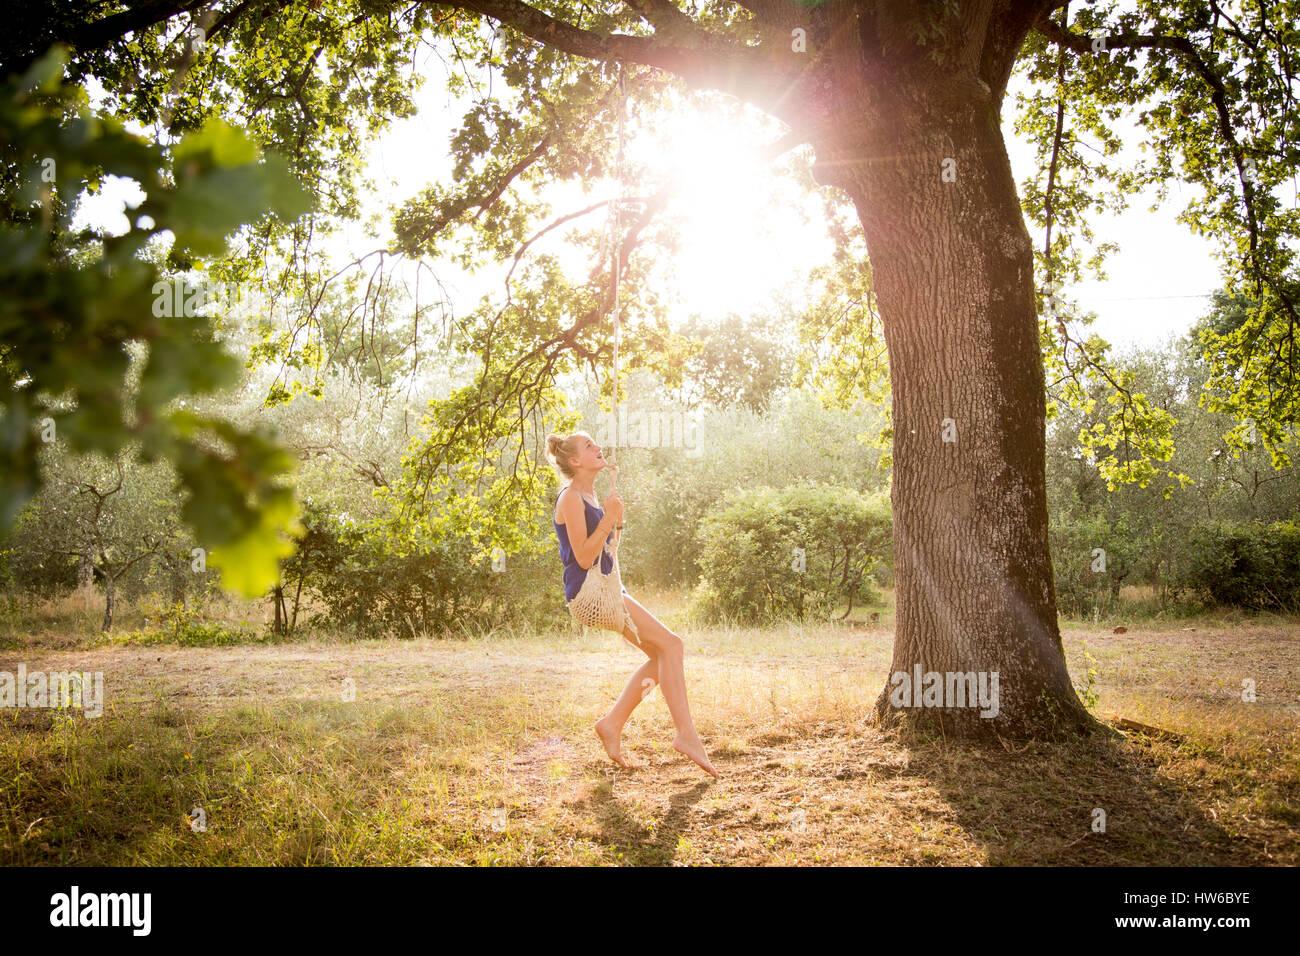 Girl en Italie sur une balançoire dans le jardin Photo Stock